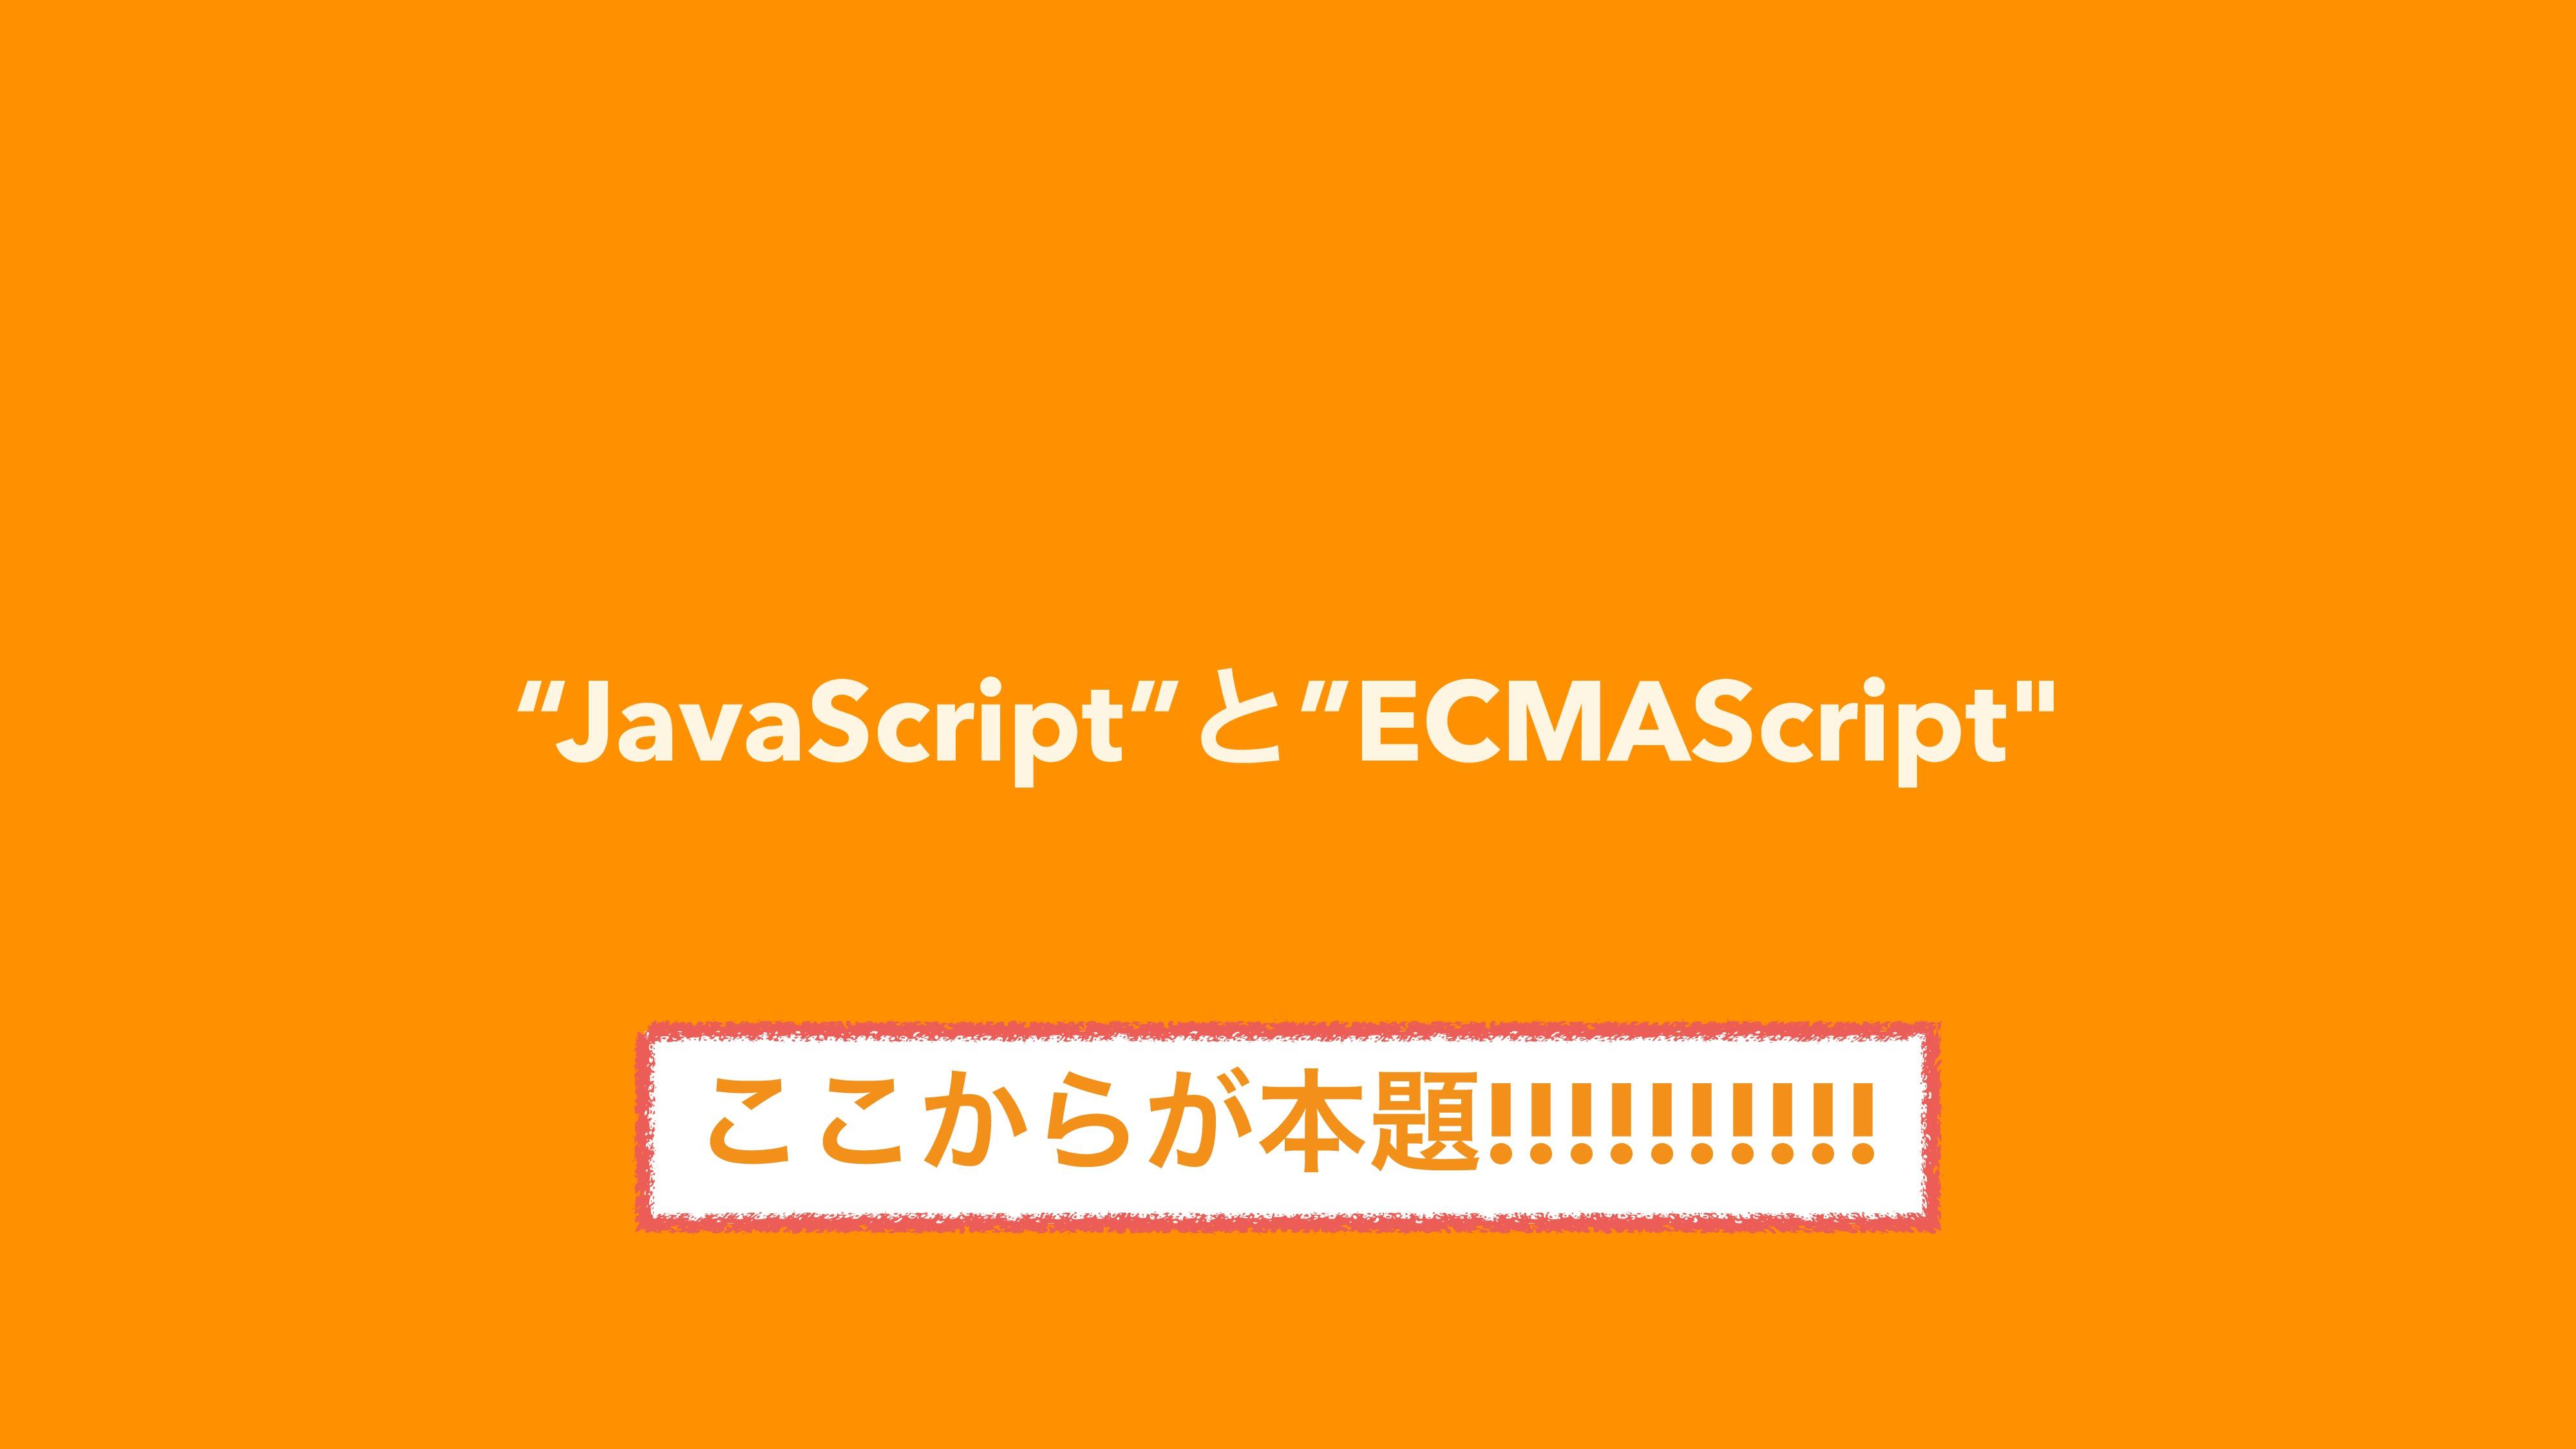 """""""JavaScript""""ͱ""""ECMAScript"""" ͔͜͜Β͕ຊ!!!!!!!!!!"""